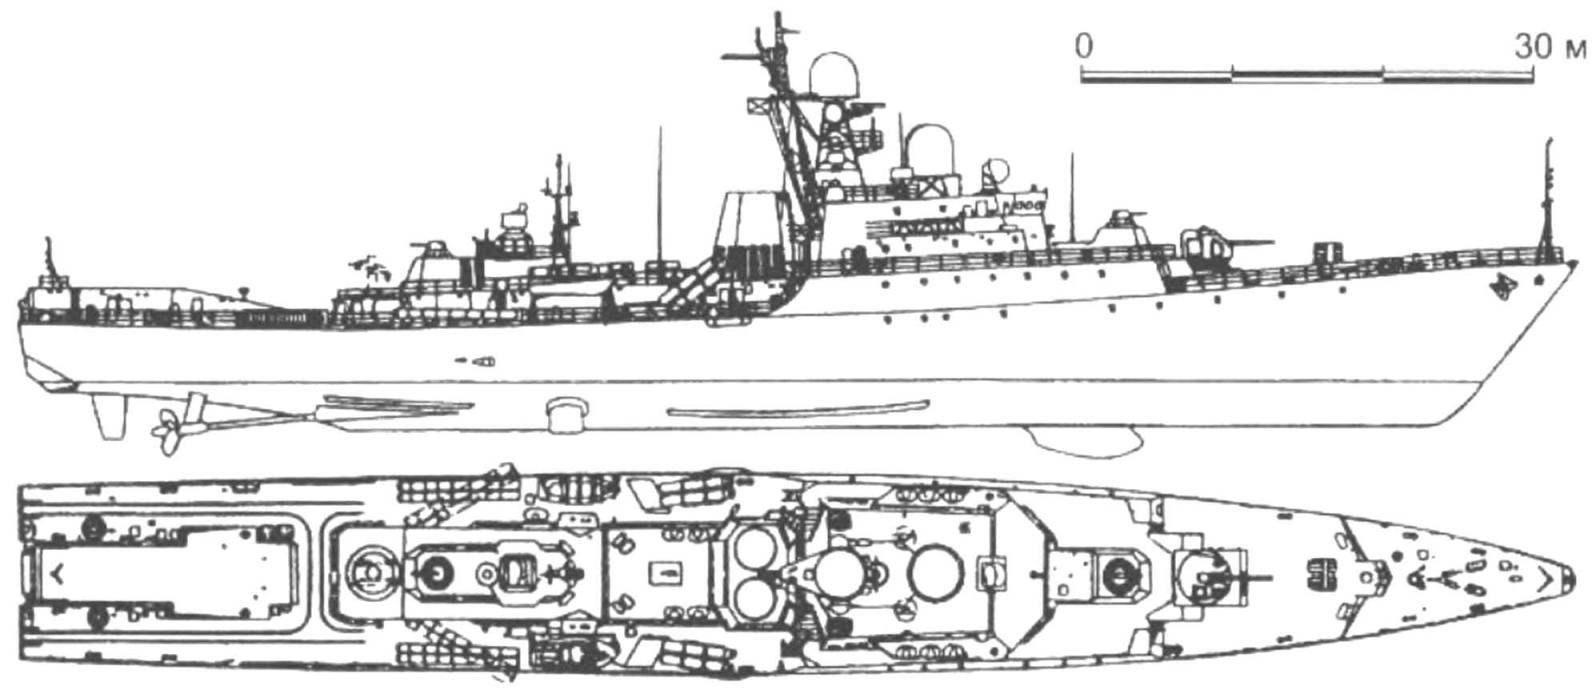 103. Сторожевой корабль «Татарстан» (проект 11661), Россия, 2003 г.